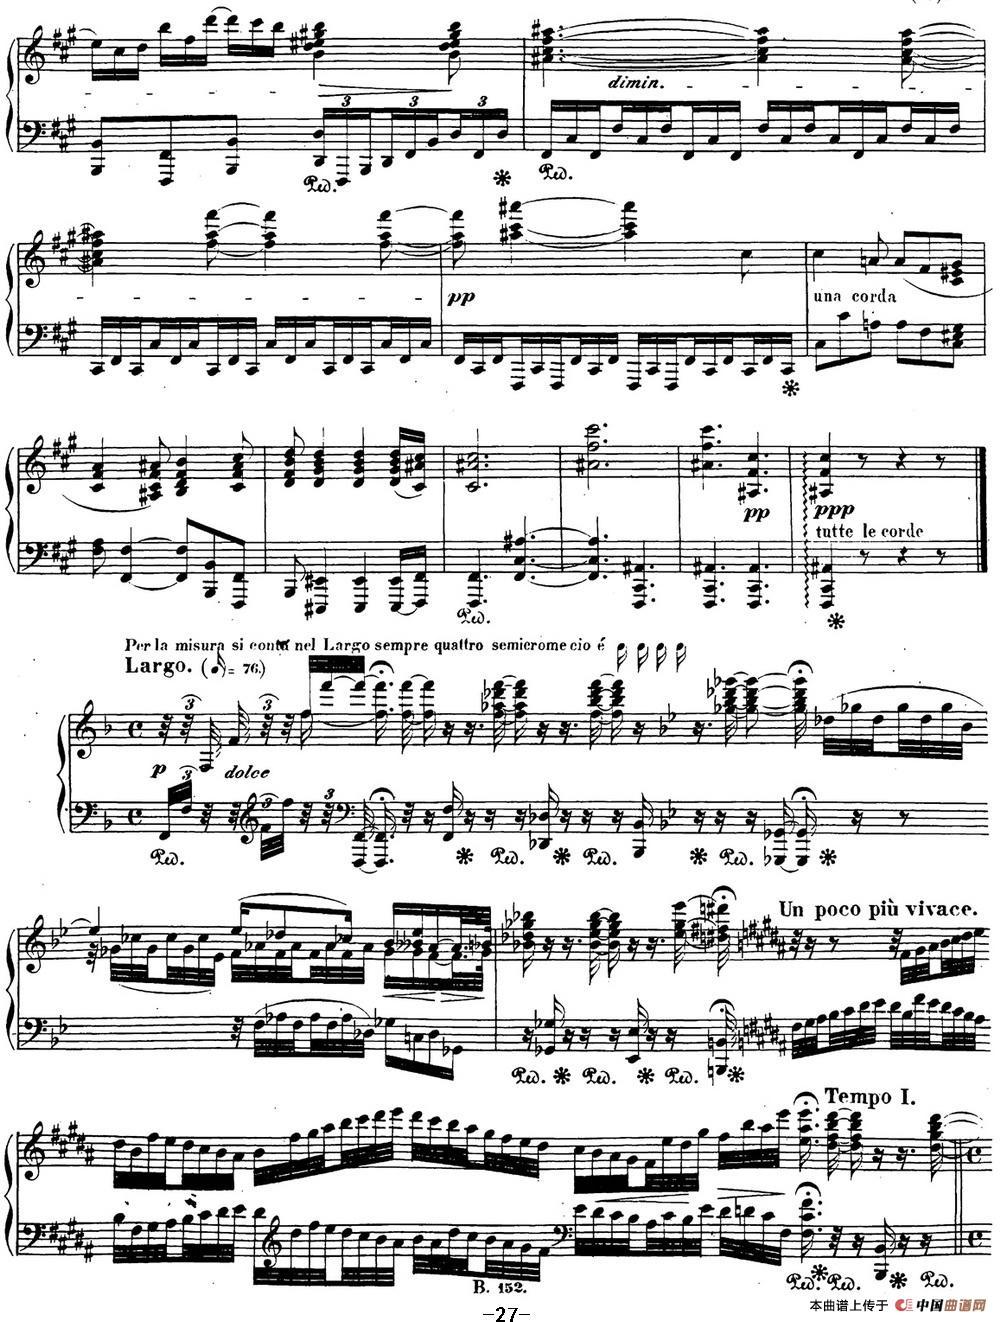 贝多芬钢琴奏鸣曲29 钢琴(锥子键琴)降B大调 Op.106 B-flat major(1)_原文件名:29 钢琴(锥子键琴)降B大调 Op106 B-flat major_页面_29.jpg